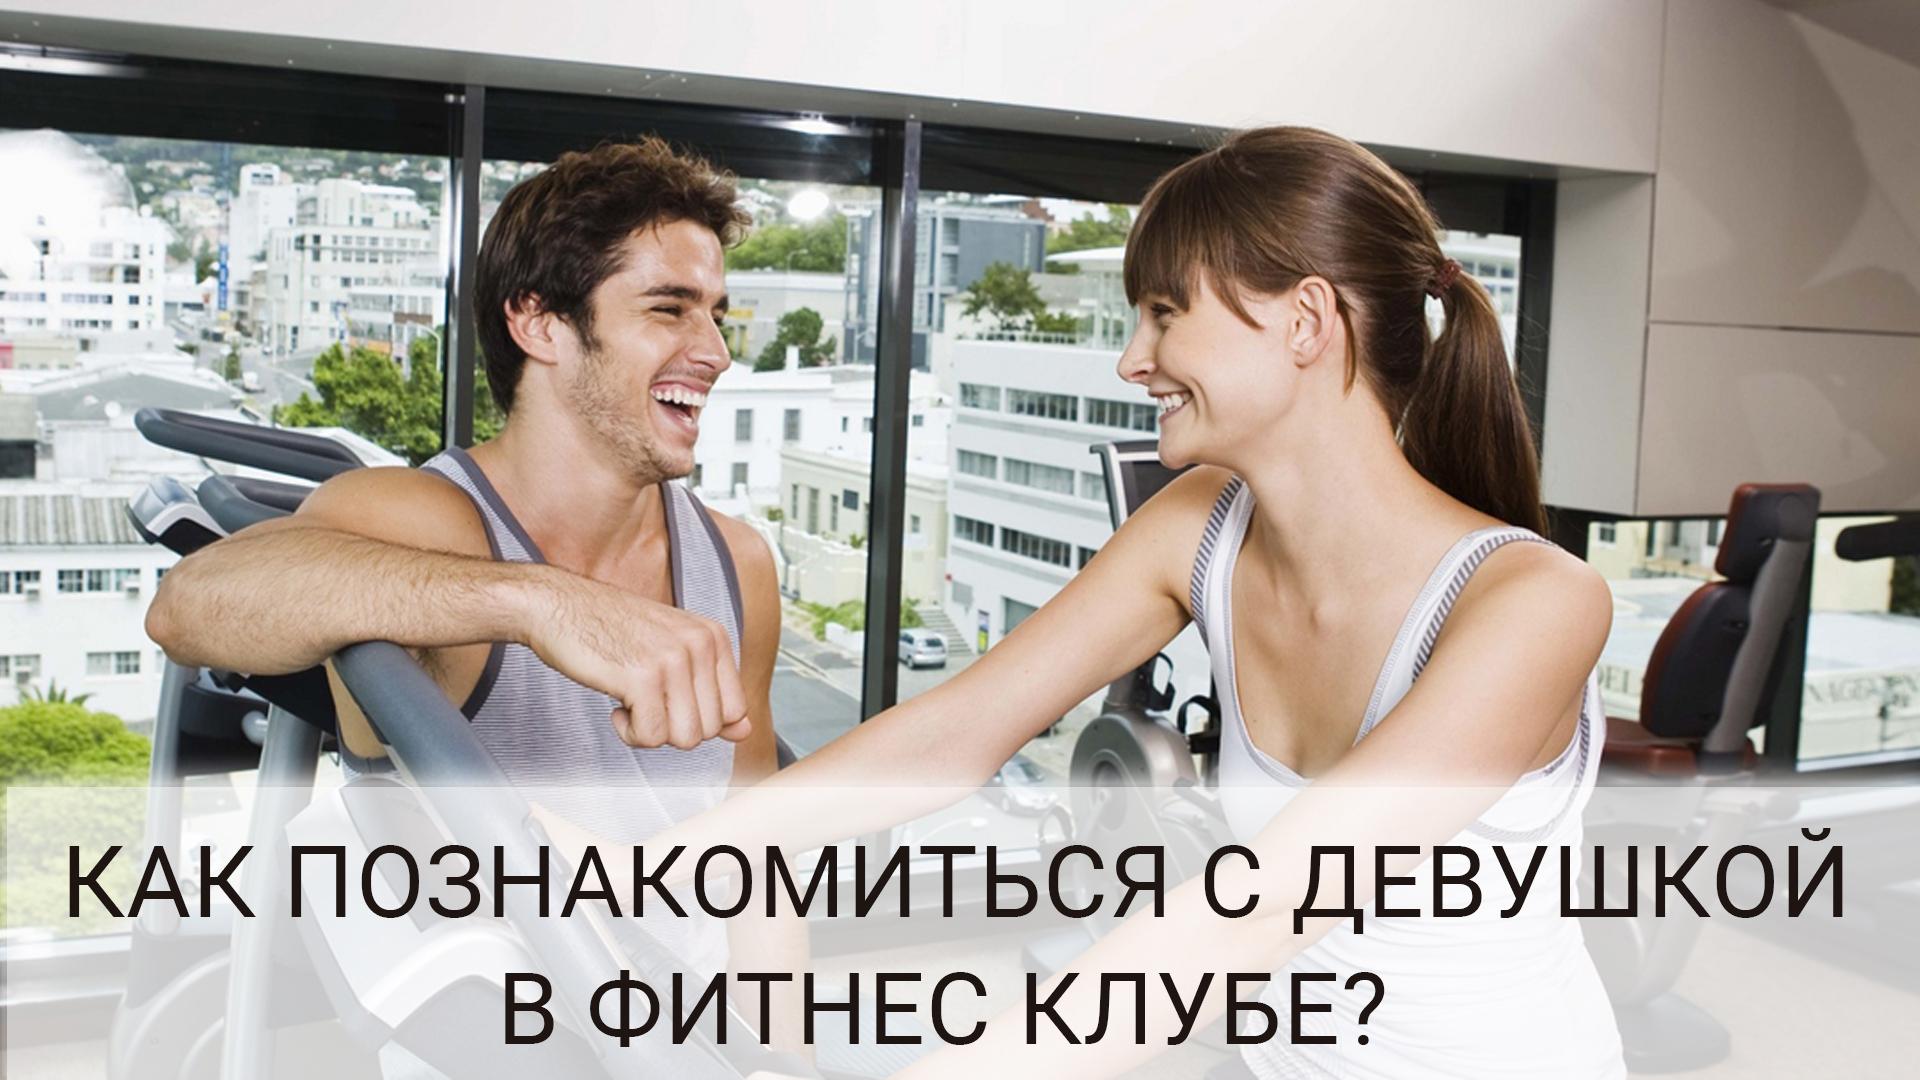 Познакомиться с девушкой